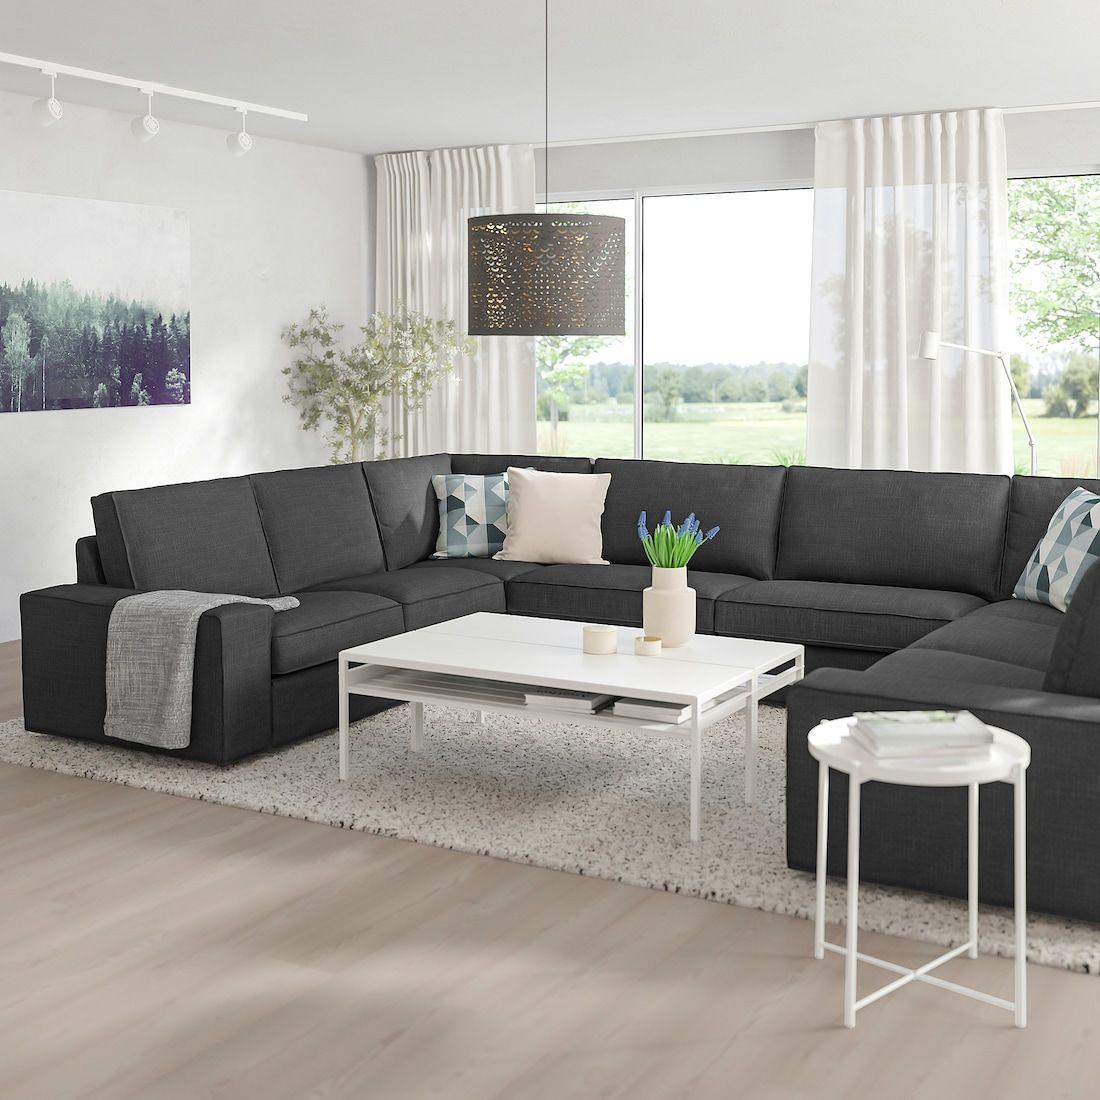 u shaped sofa kivik sofa ikea kivik